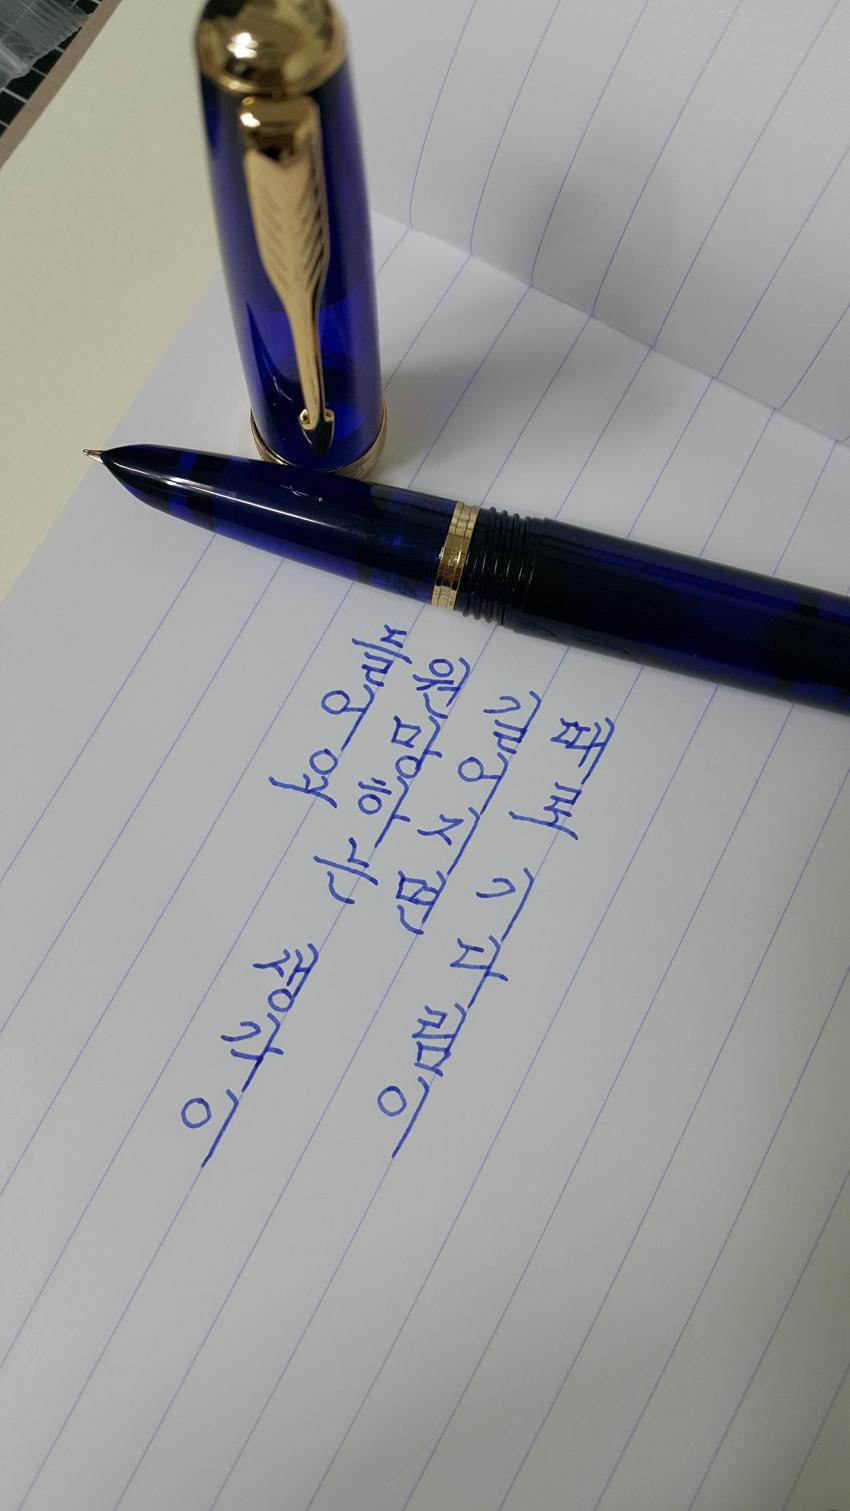 viewimage.php?id=20b2df28e7d336a169aa&no=24b0d769e1d32ca73ced8ffa11d02831dfaf0852456fb21930271cc4ce81ae3297f43807e99152ec943e249fcc7d94bf45d7b74dacc136e53e7e98d569cb882e2dbc6f